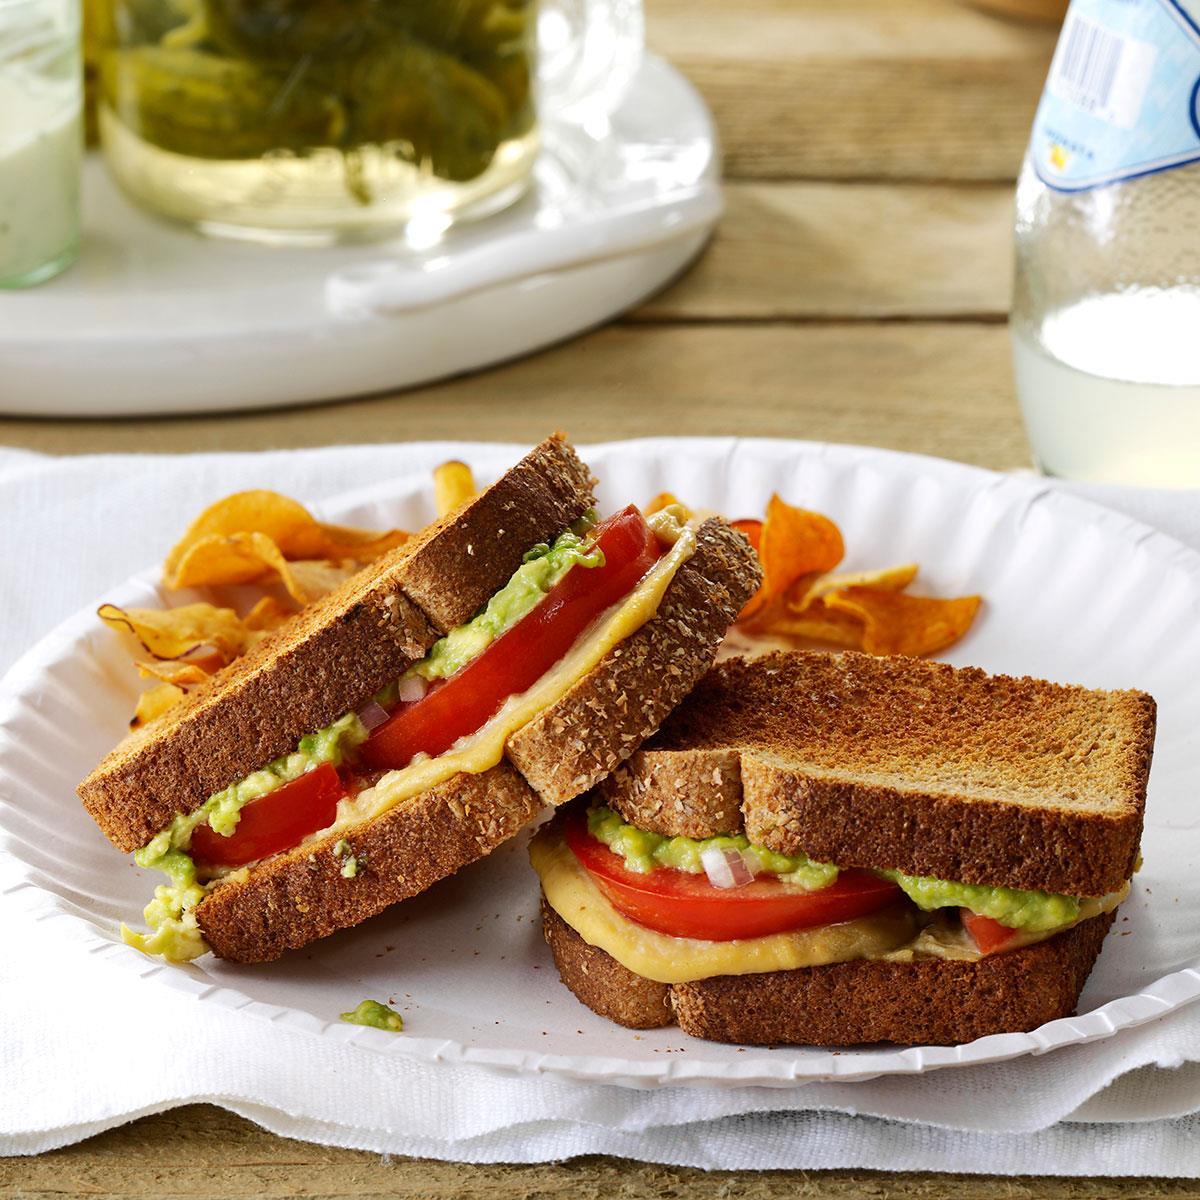 Lunch Ideas Avocado: Tomato & Avocado Sandwiches Recipe